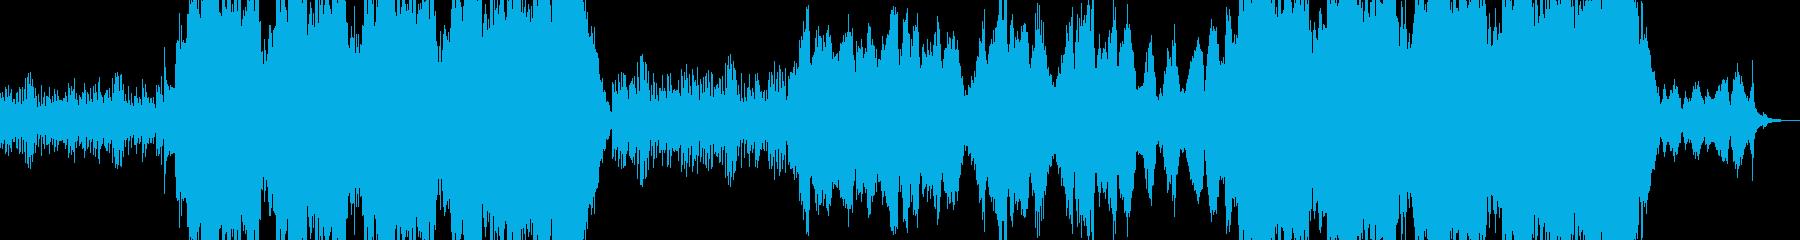 オーケストラ クワイヤー 感動の再生済みの波形